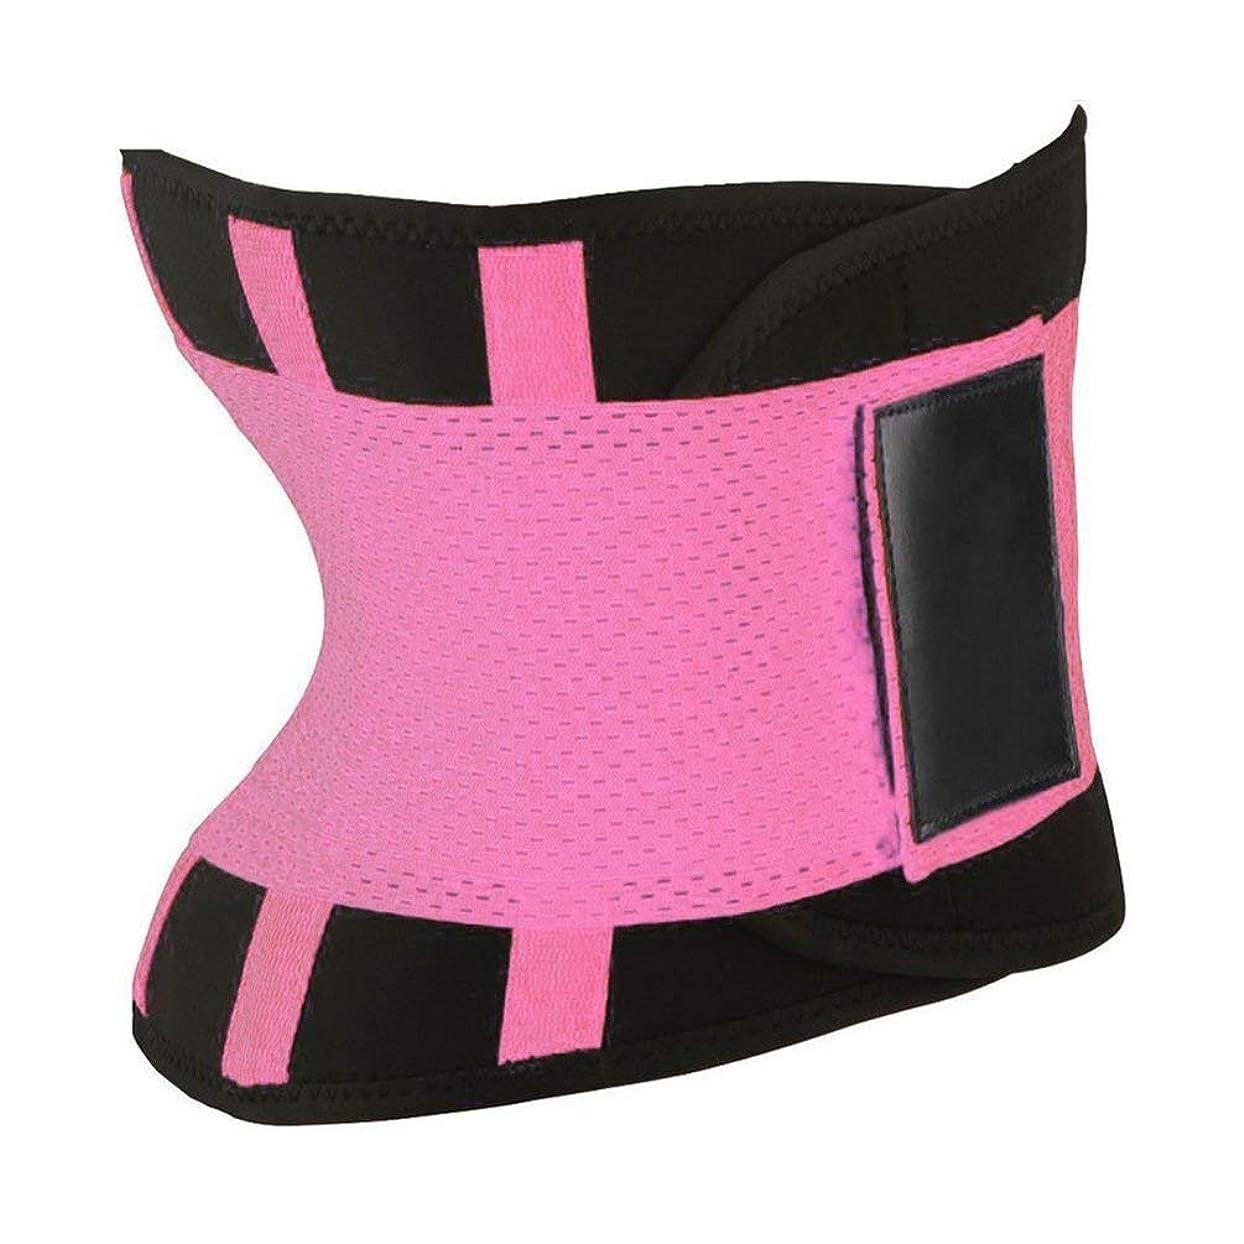 斧カイウス暗くする快適な女性ボディシェイパー痩身シェイパーベルトスポーツ女性ウエストトレーナーニッパー制御バーニングボディおなかベルト - ピンク2xl